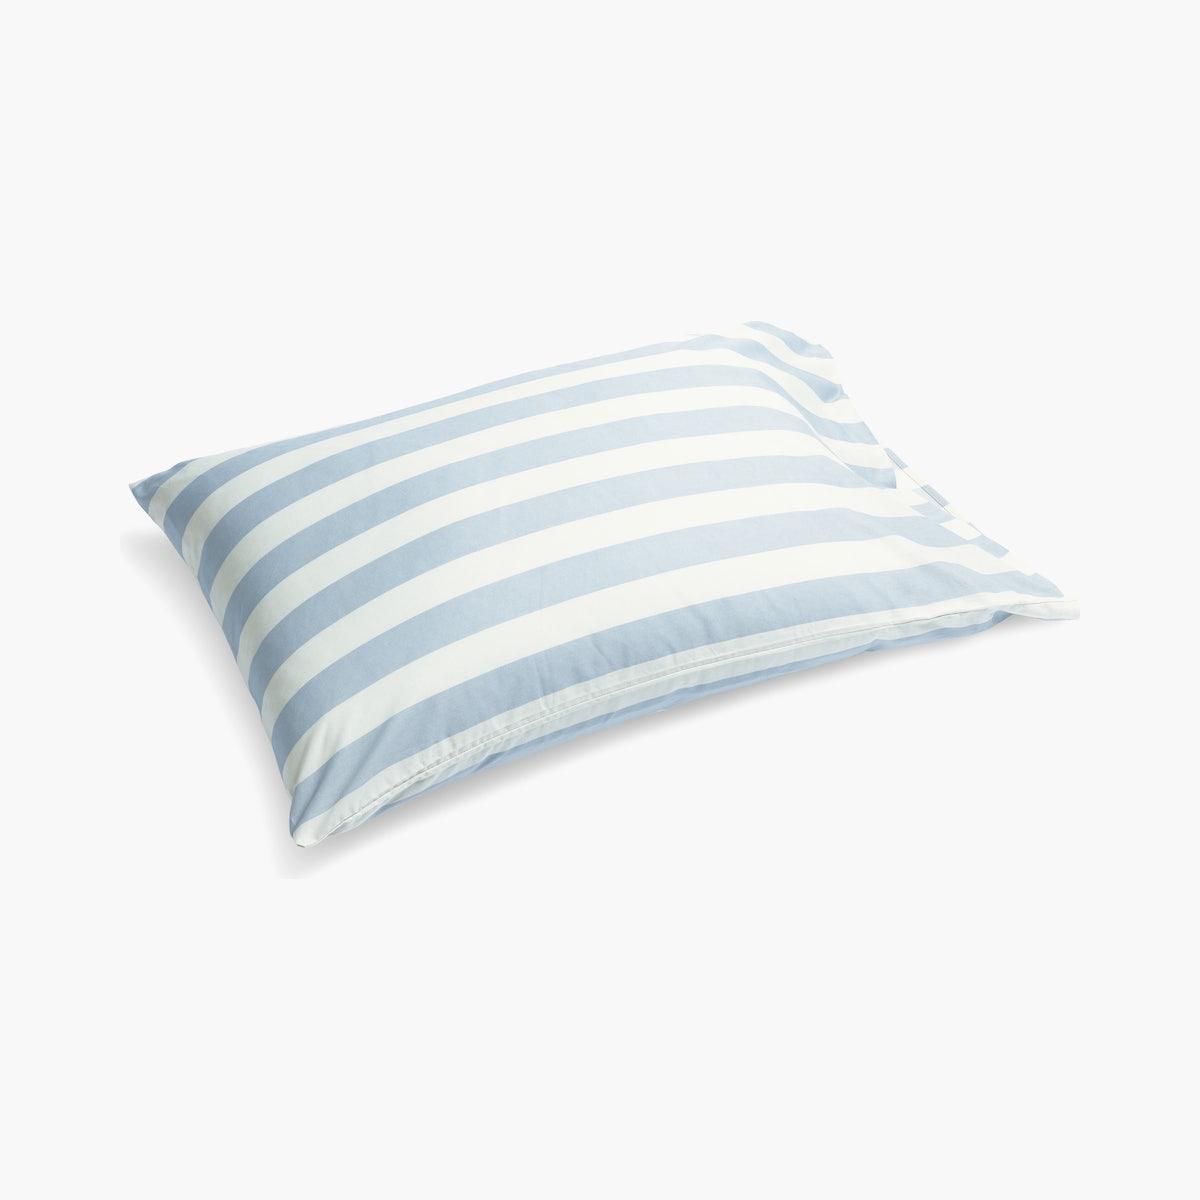 Été Pillowcase